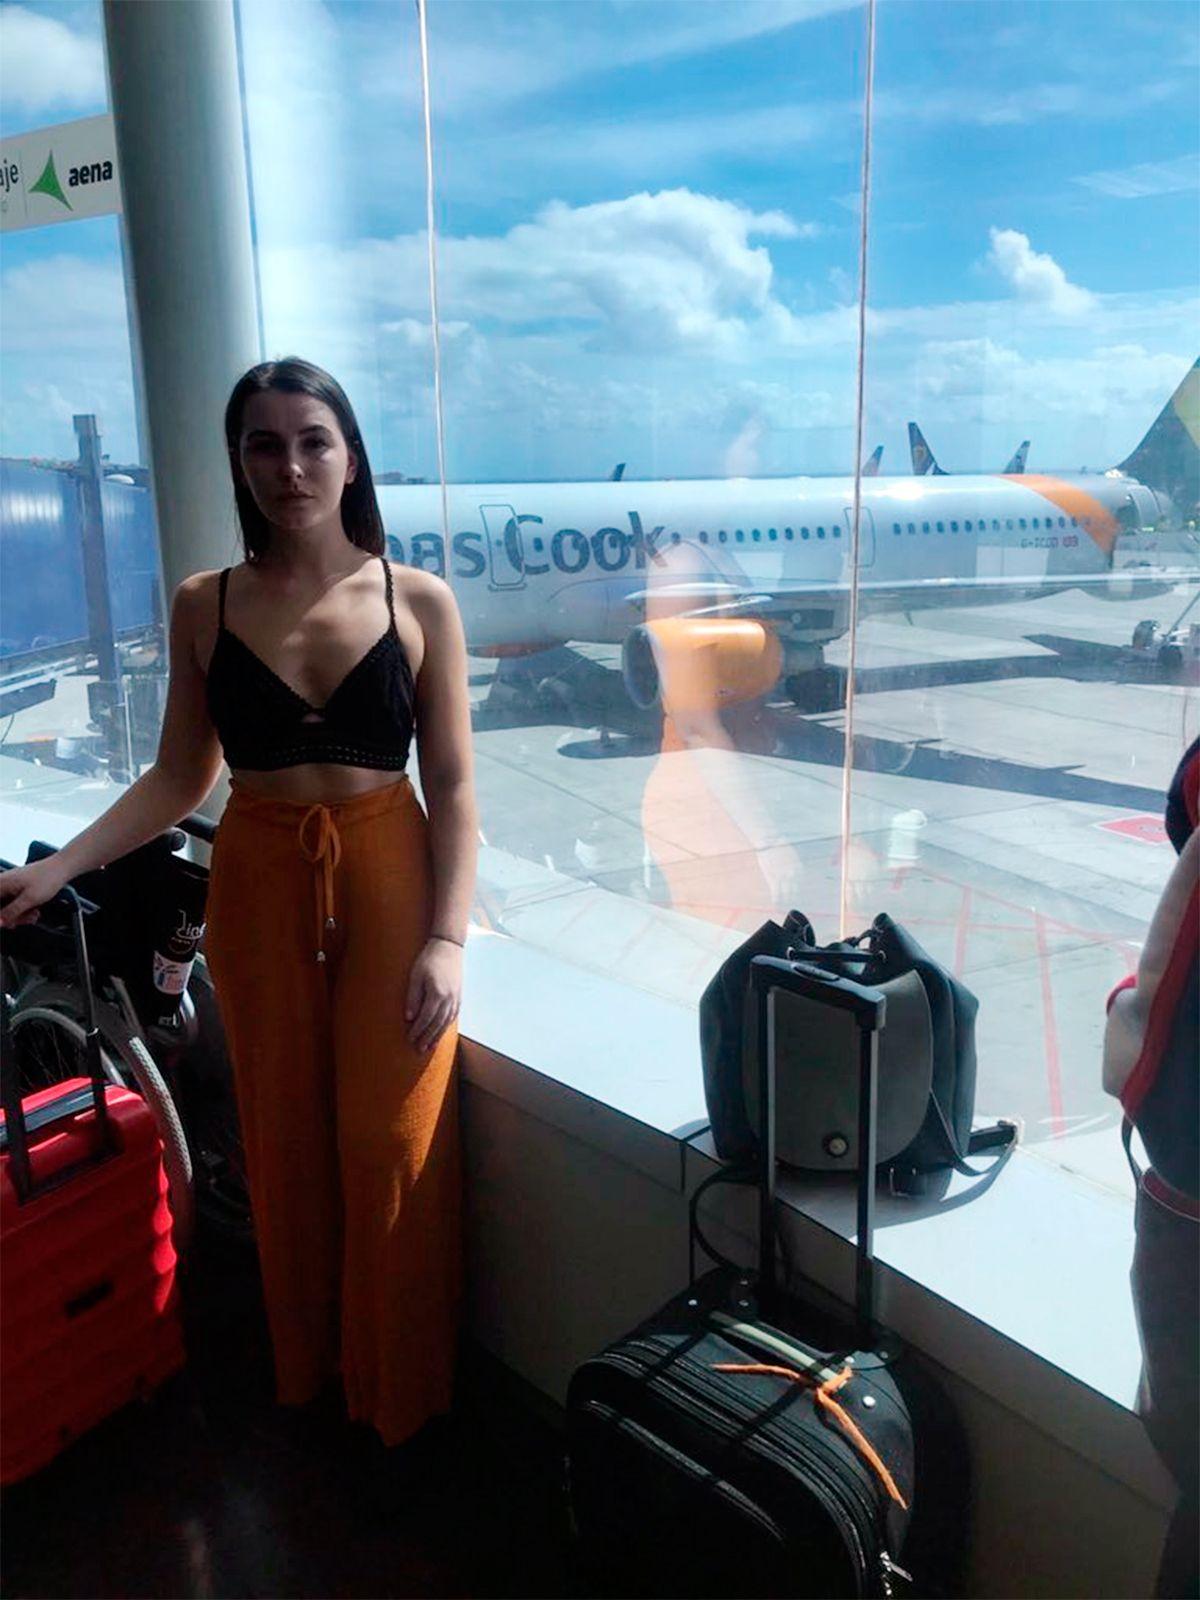 La amenazaron con bajarla del avión porque su vestimenta era provocativa